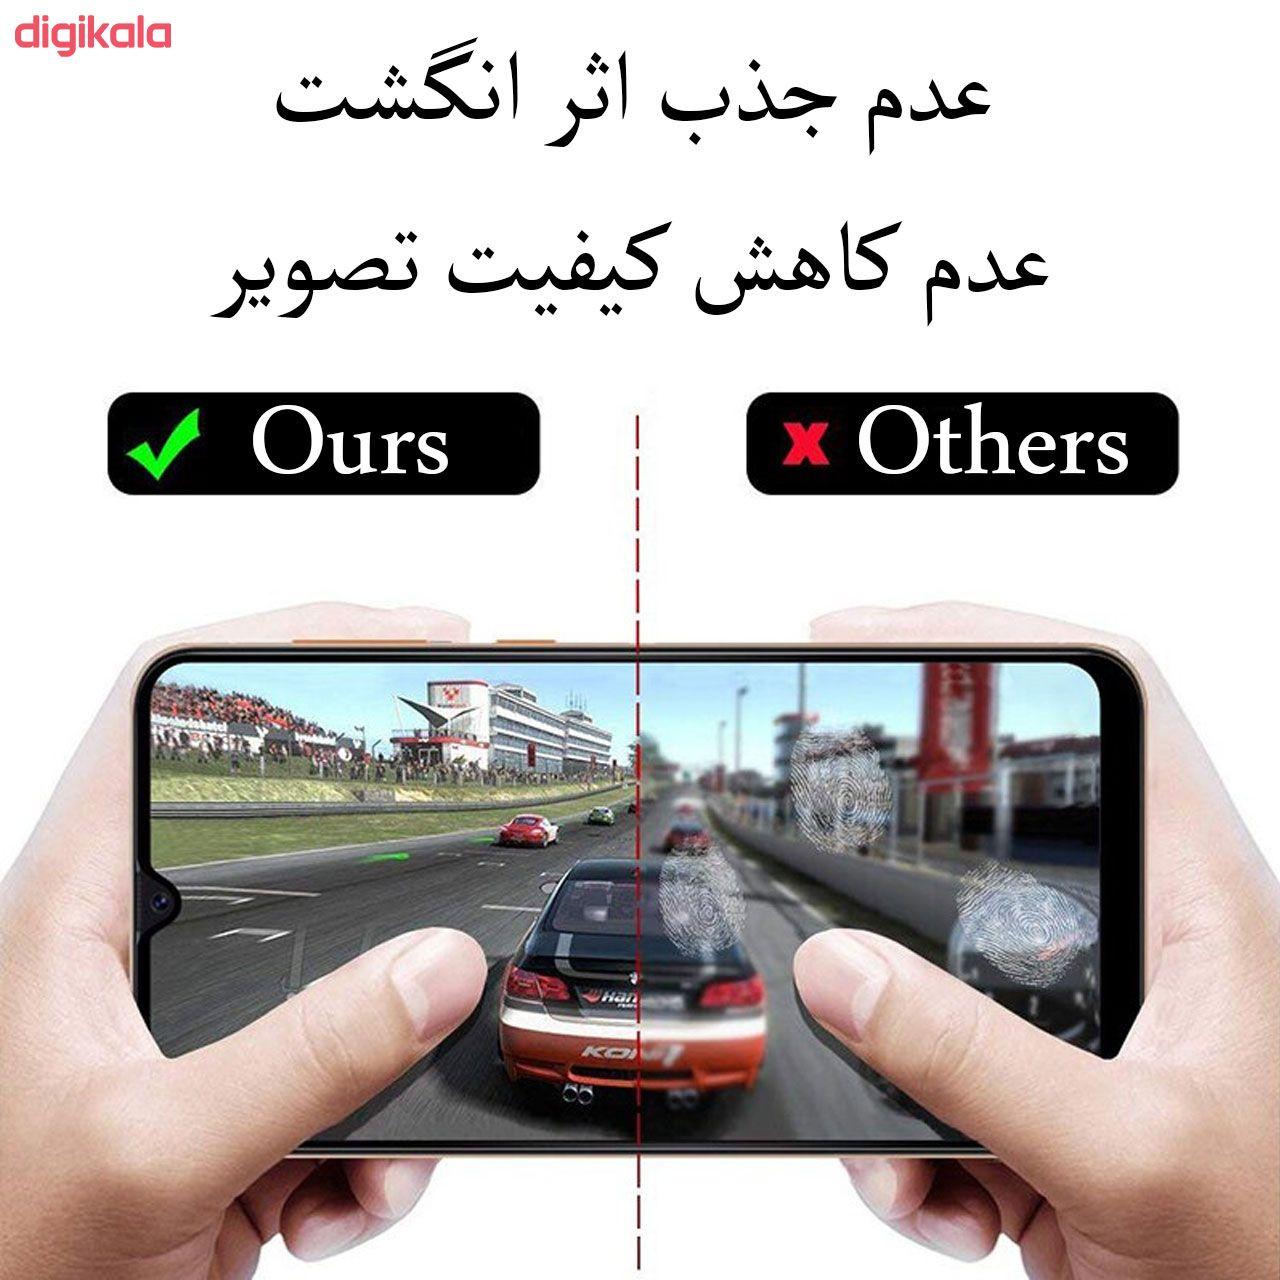 محافظ صفحه نمایش مدل FCG مناسب برای گوشی موبایل سامسونگ Galaxy M20 بسته سه عددی main 1 7